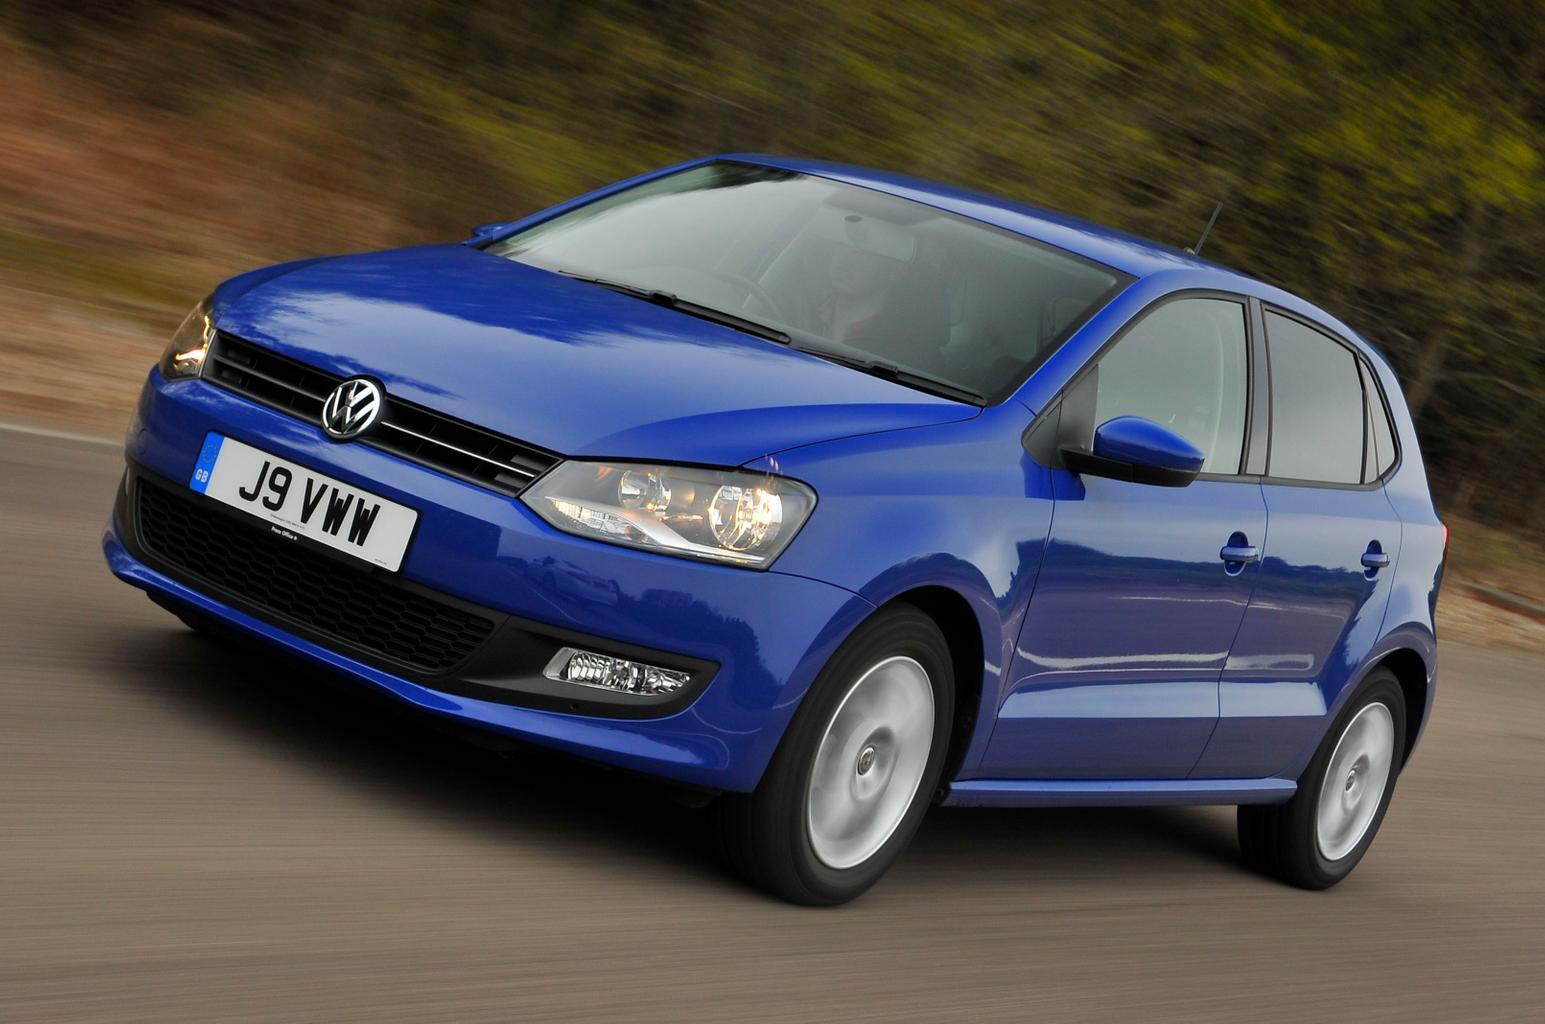 Used test: Ford Fiesta vs Volkswagen Polo vs Peugeot 208 vs Kia Rio